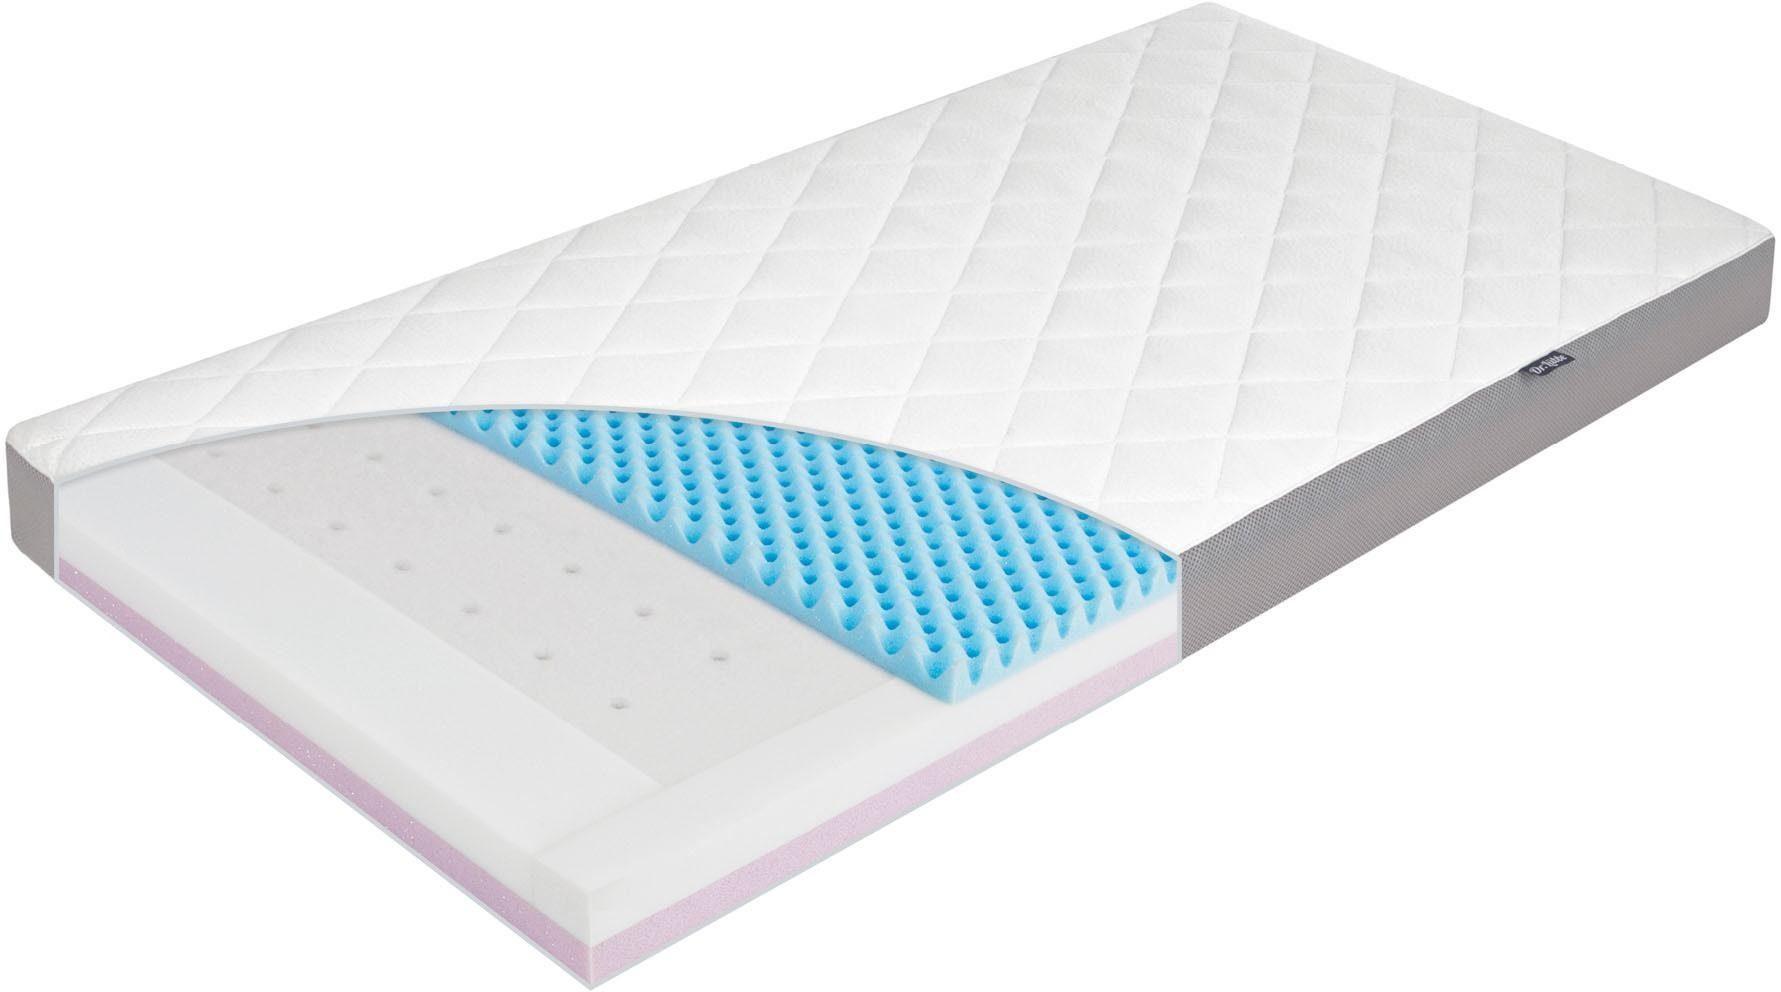 Matratze für Babys & Kleinkinder, »Dr. Lübbe Air Premium«, Zöllner, 13 cm hoch